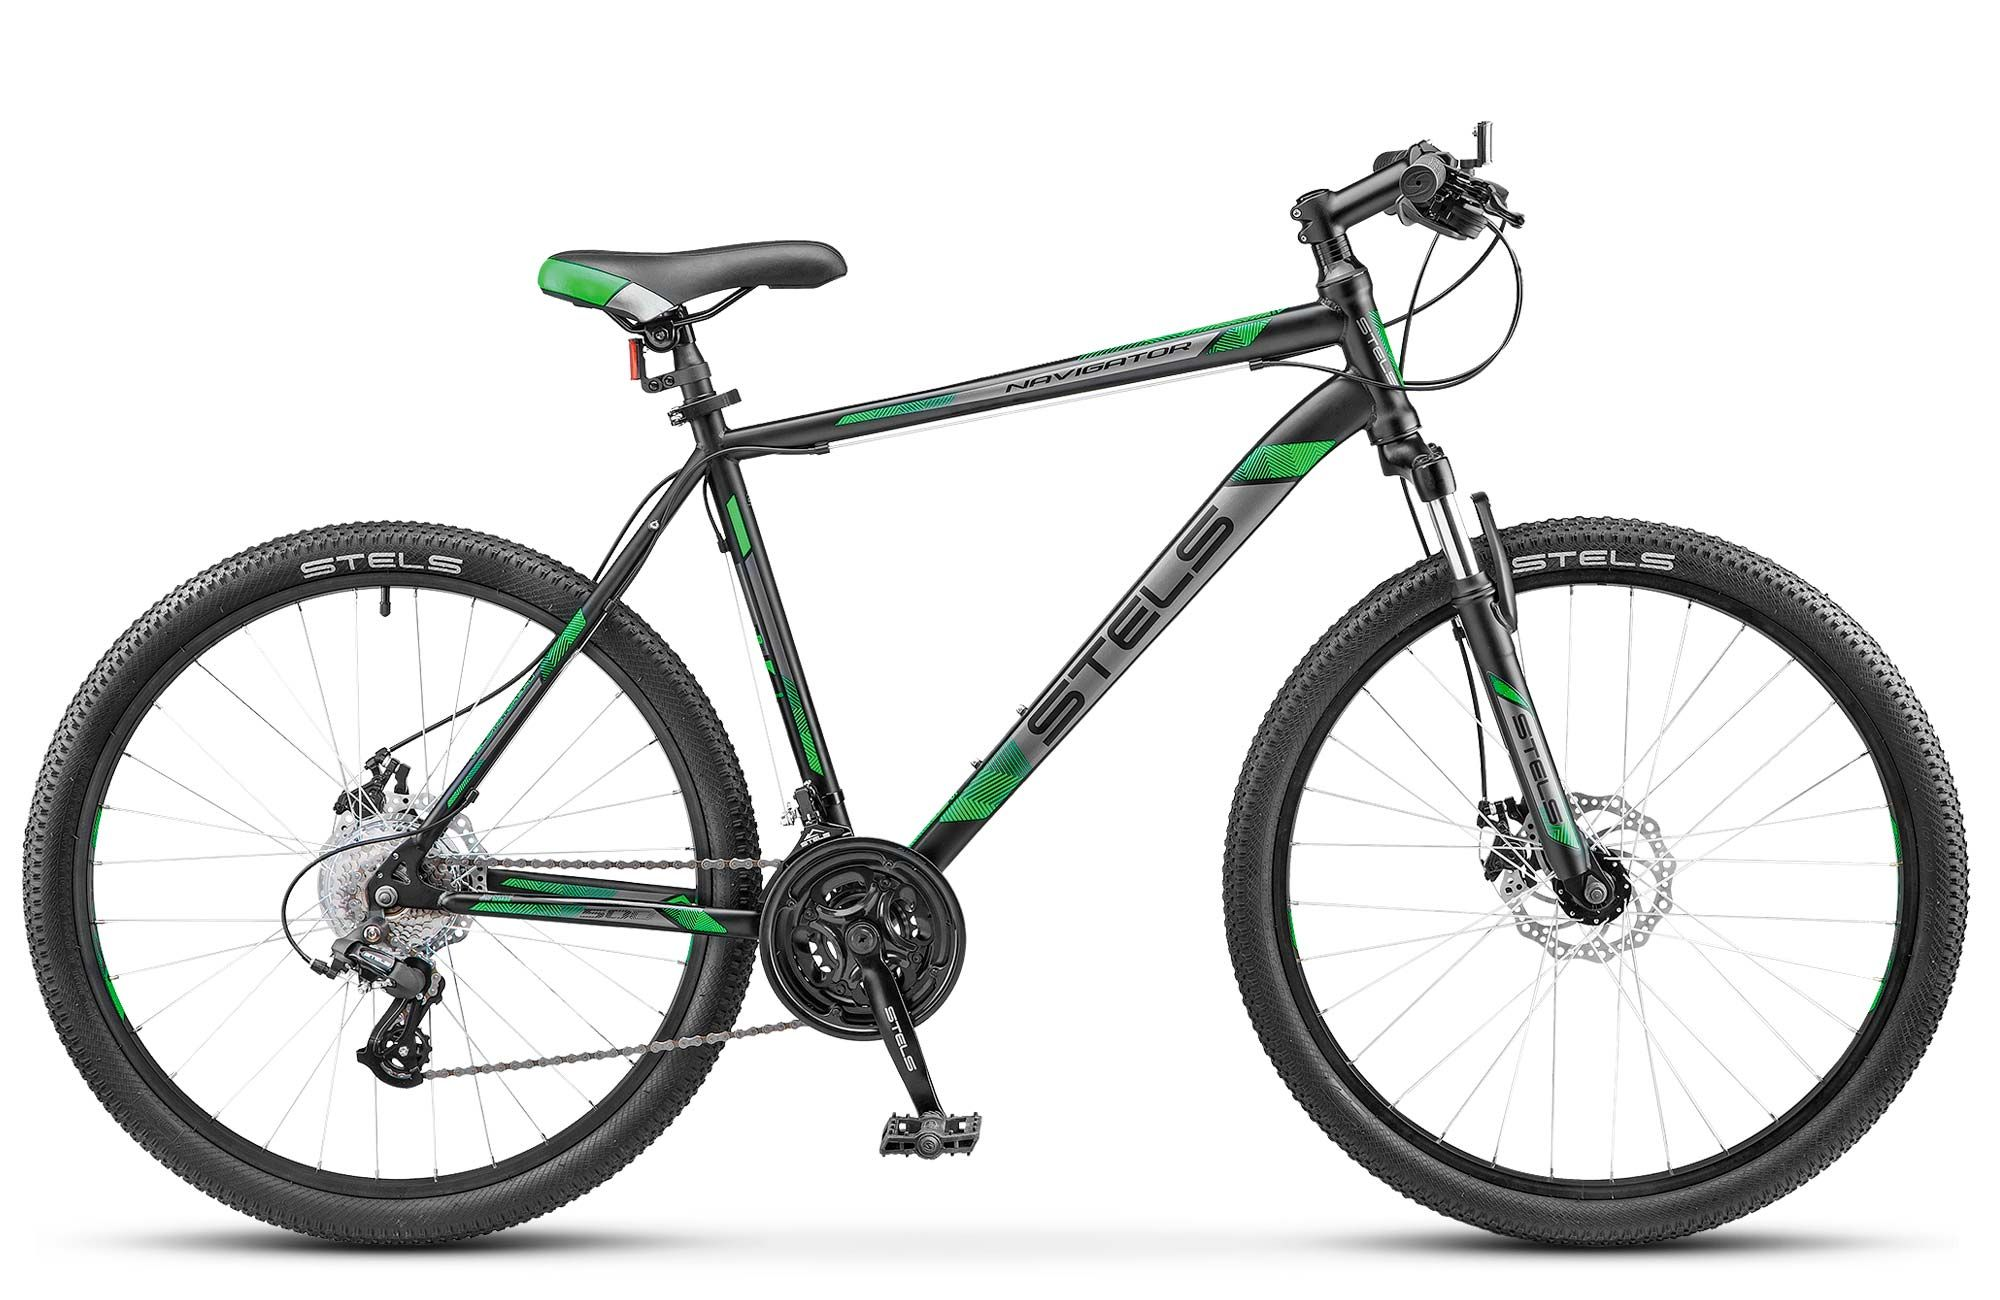 Велосипед Stels Navigator 500 MD 26 (V020) 2018 велосипед stels miss 5300 md 26 2017